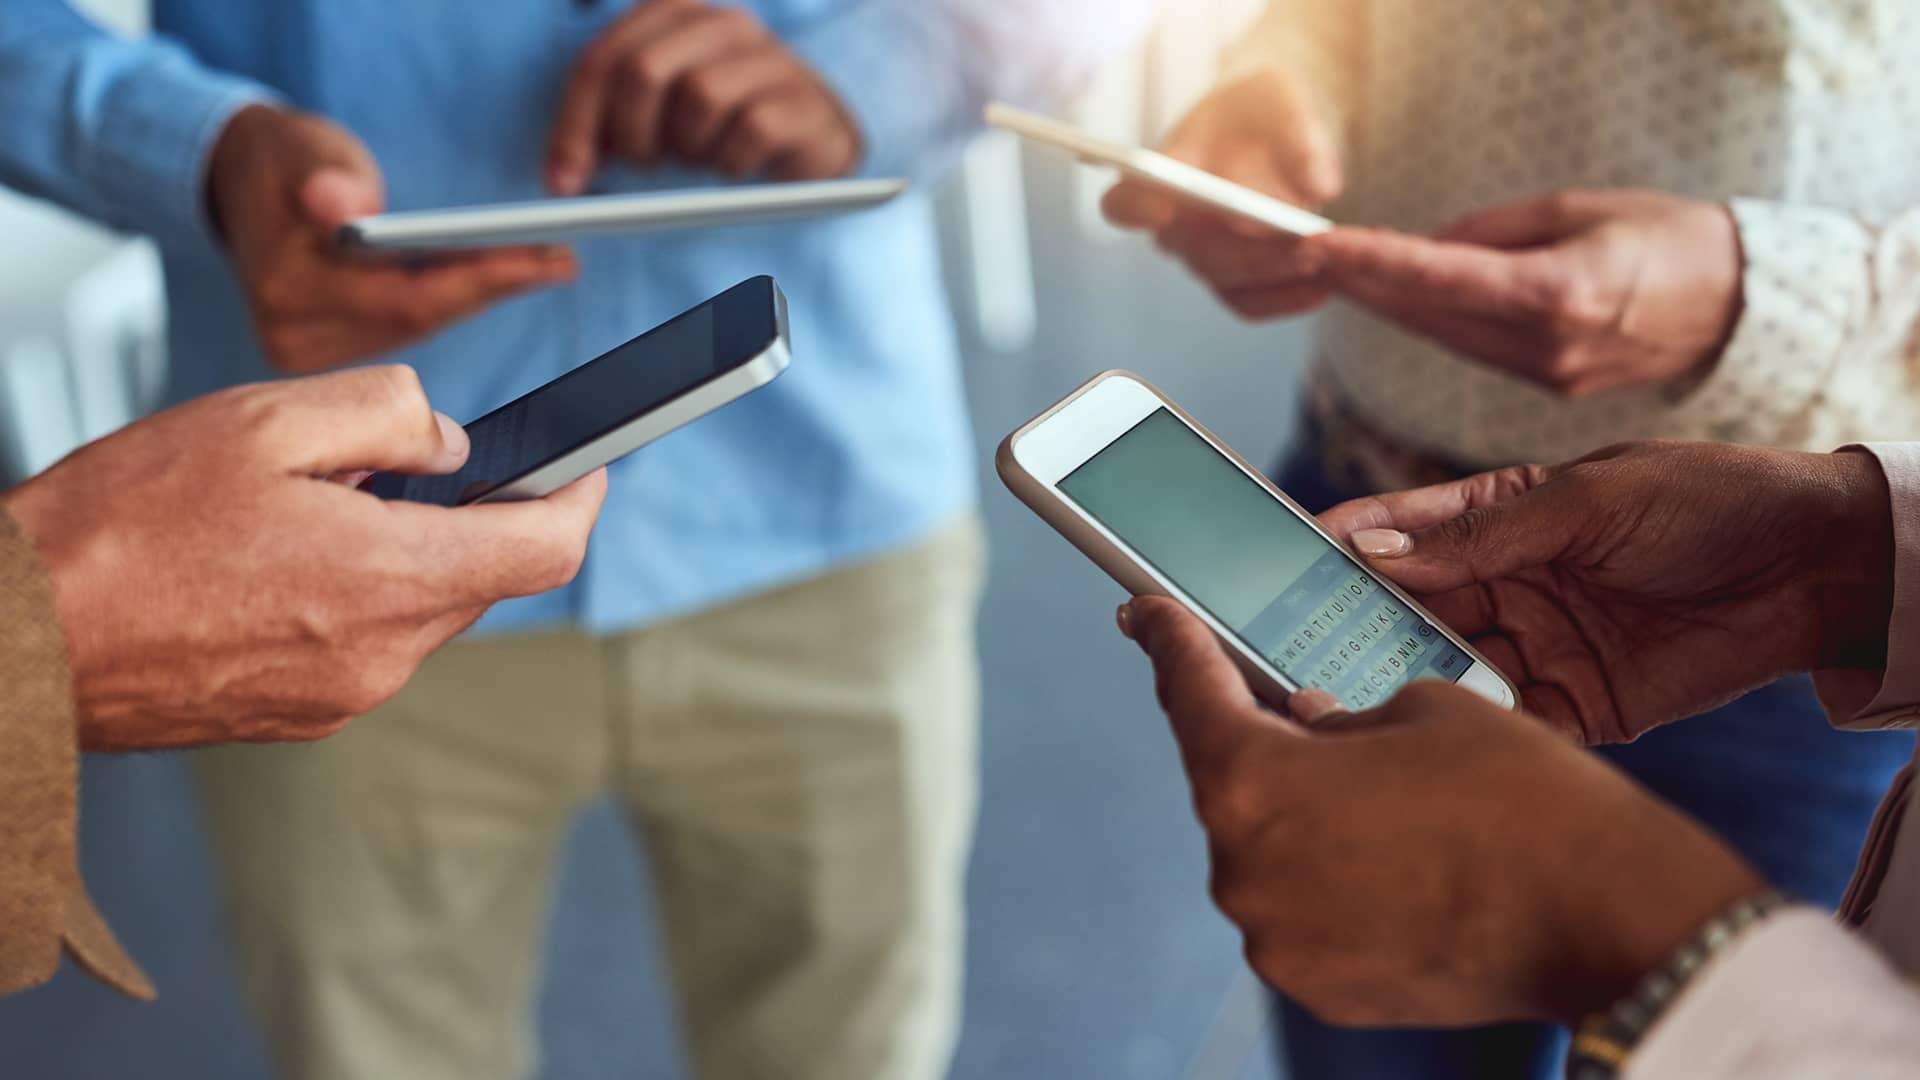 Cómo compartir wifi: qué debes tener en cuenta